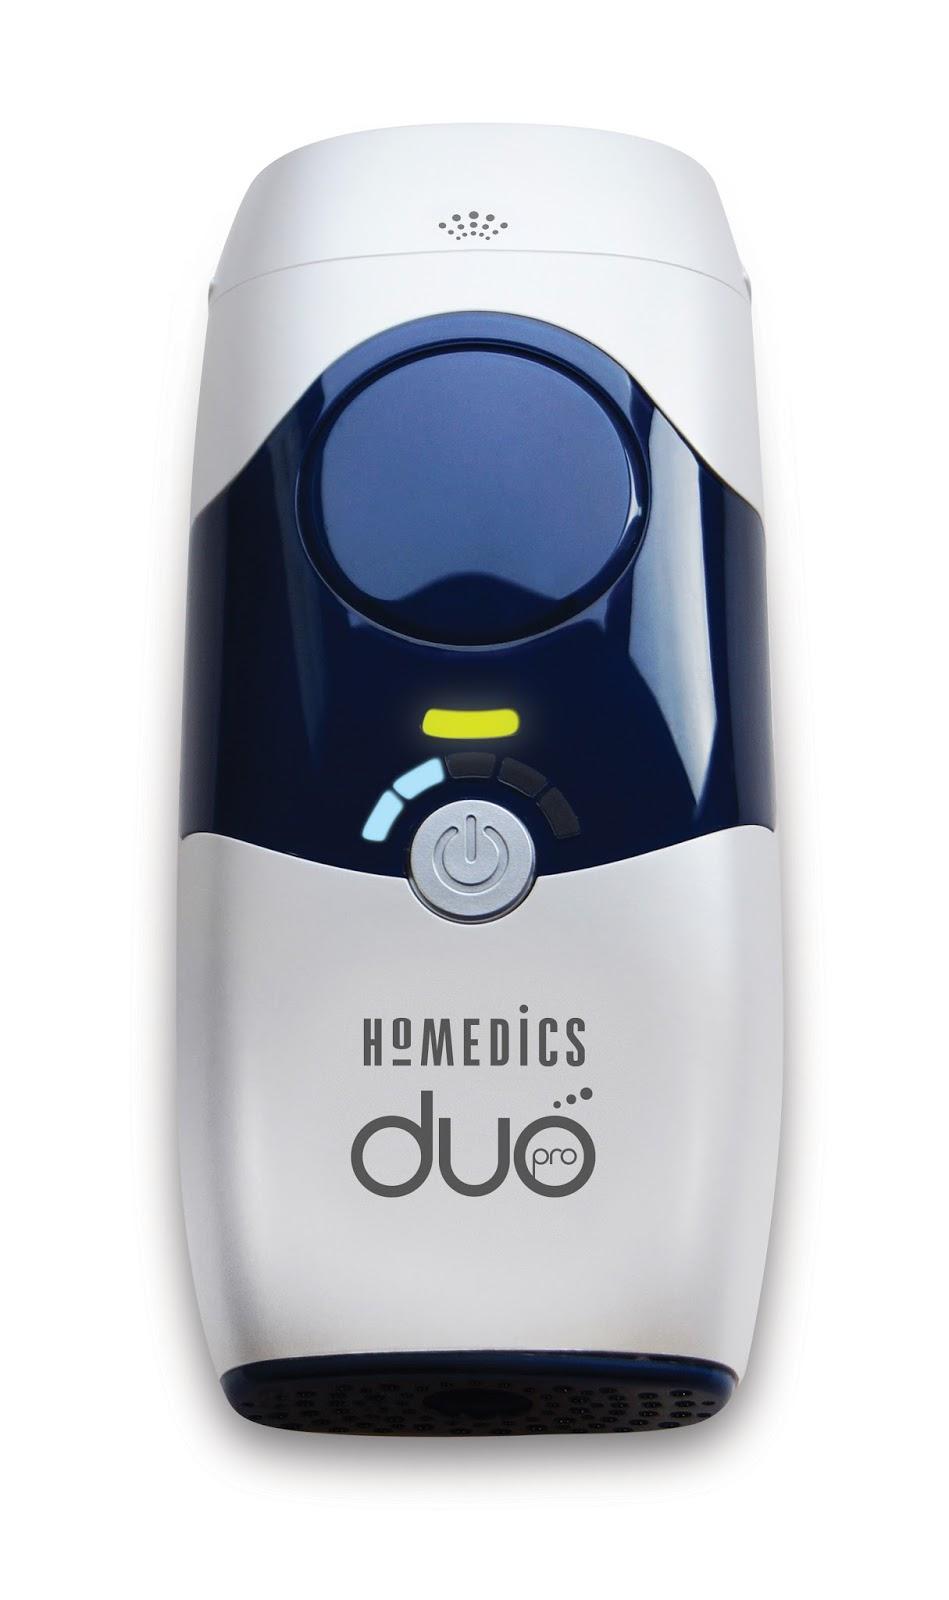 HoMedics Duo Pro